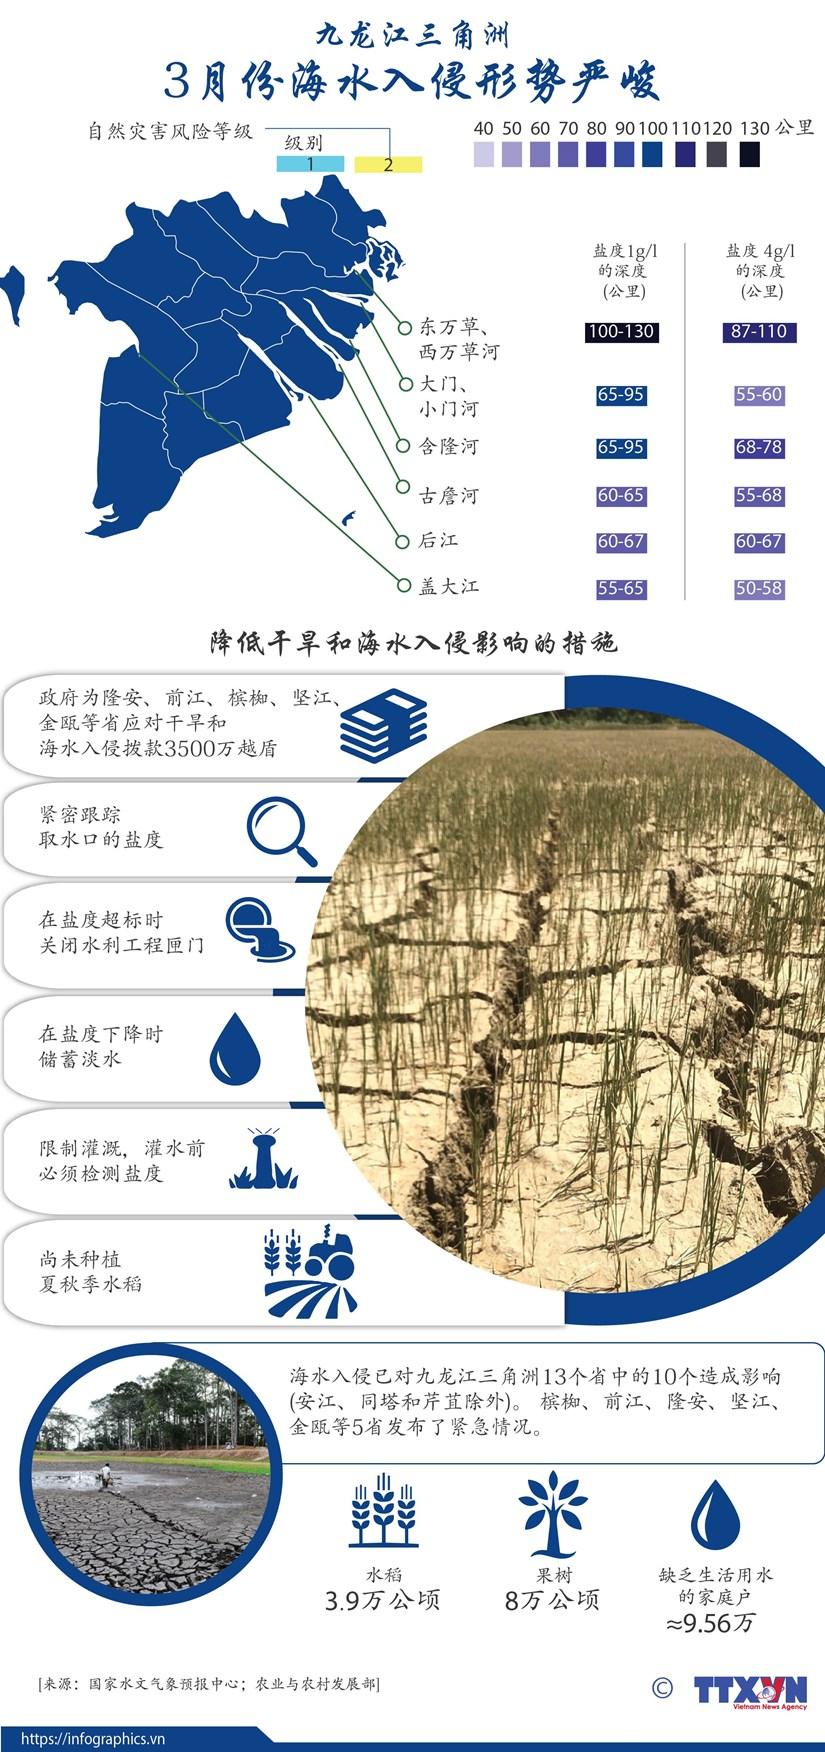 图表新闻:九龙江三角洲:3月份海水入侵形势严峻 hinh anh 1